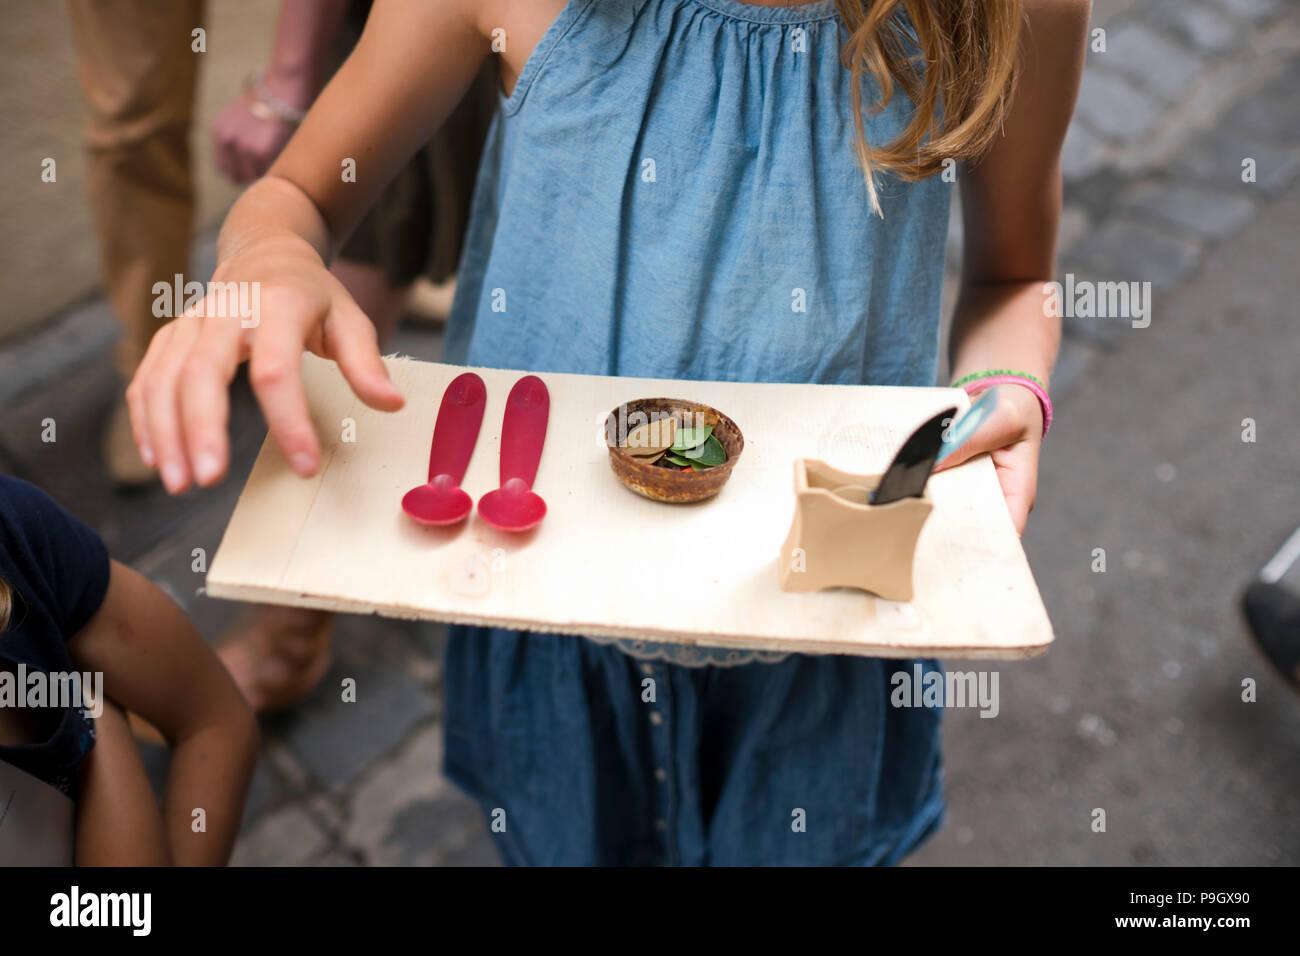 7/8 Vorderansicht der 6jährigen Mädchen, die so tun, als Mahlzeit Fach aus einem Schrott, aus Holz, mit einer rostigen Top voller Blätter und zwei rote Löffel Stockbild